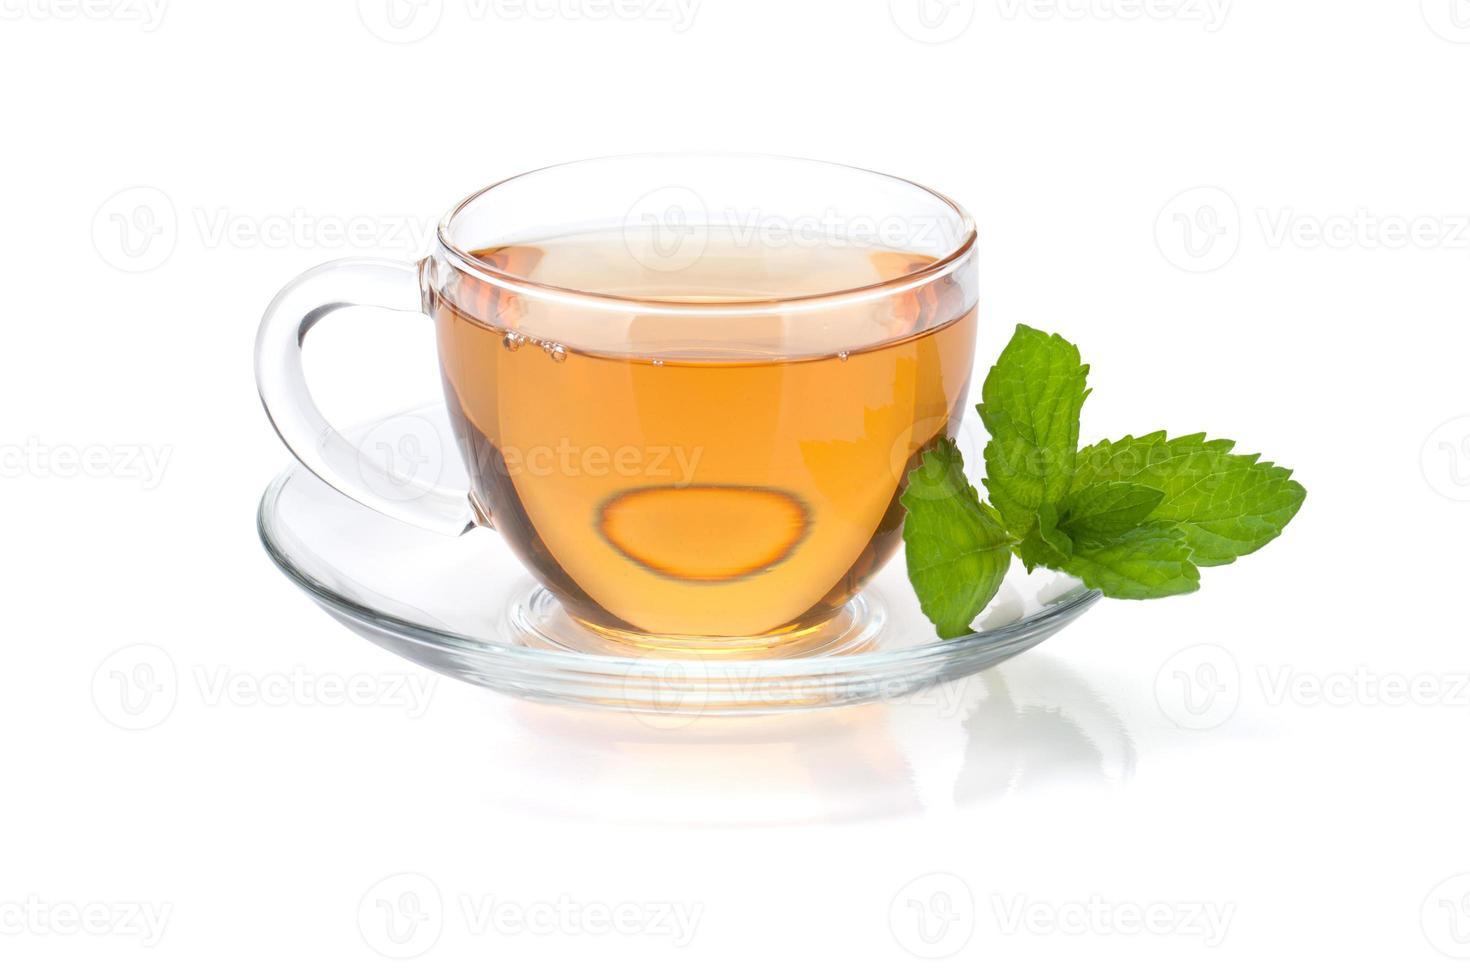 xícara de chá com hortelã foto